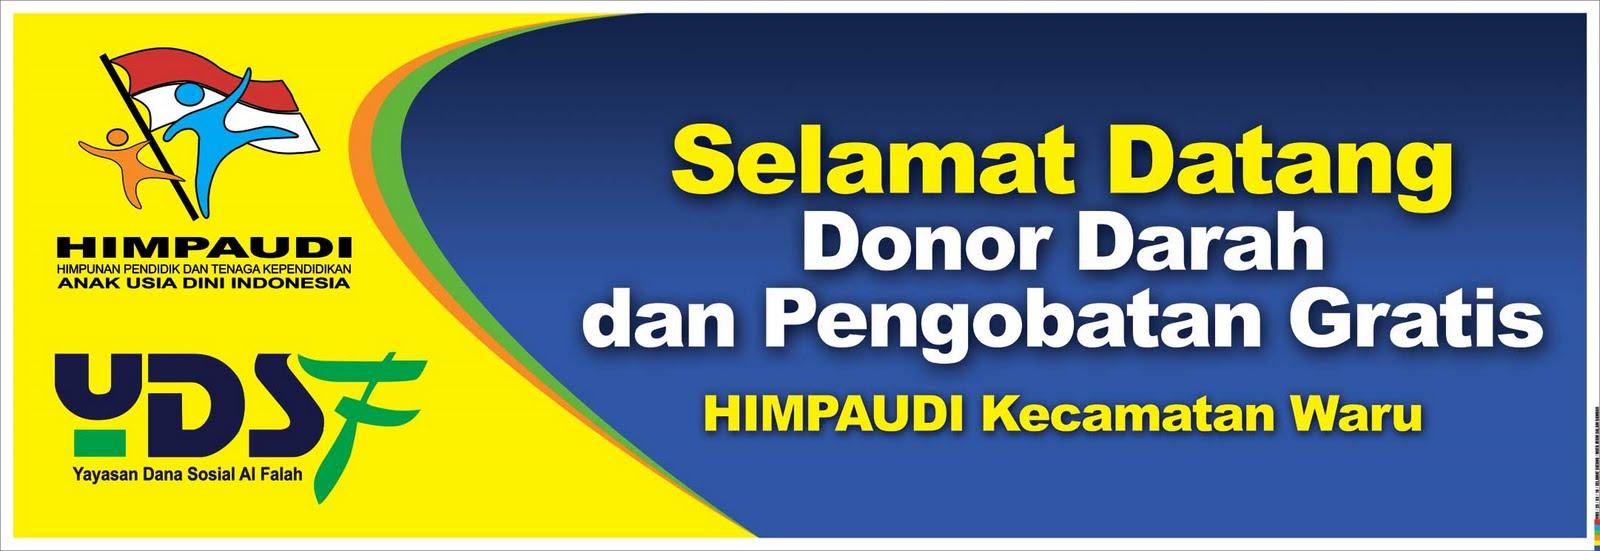 Spanduk Selamat Datang Donor Darah Yayasan Dana Sosial Al Fallah